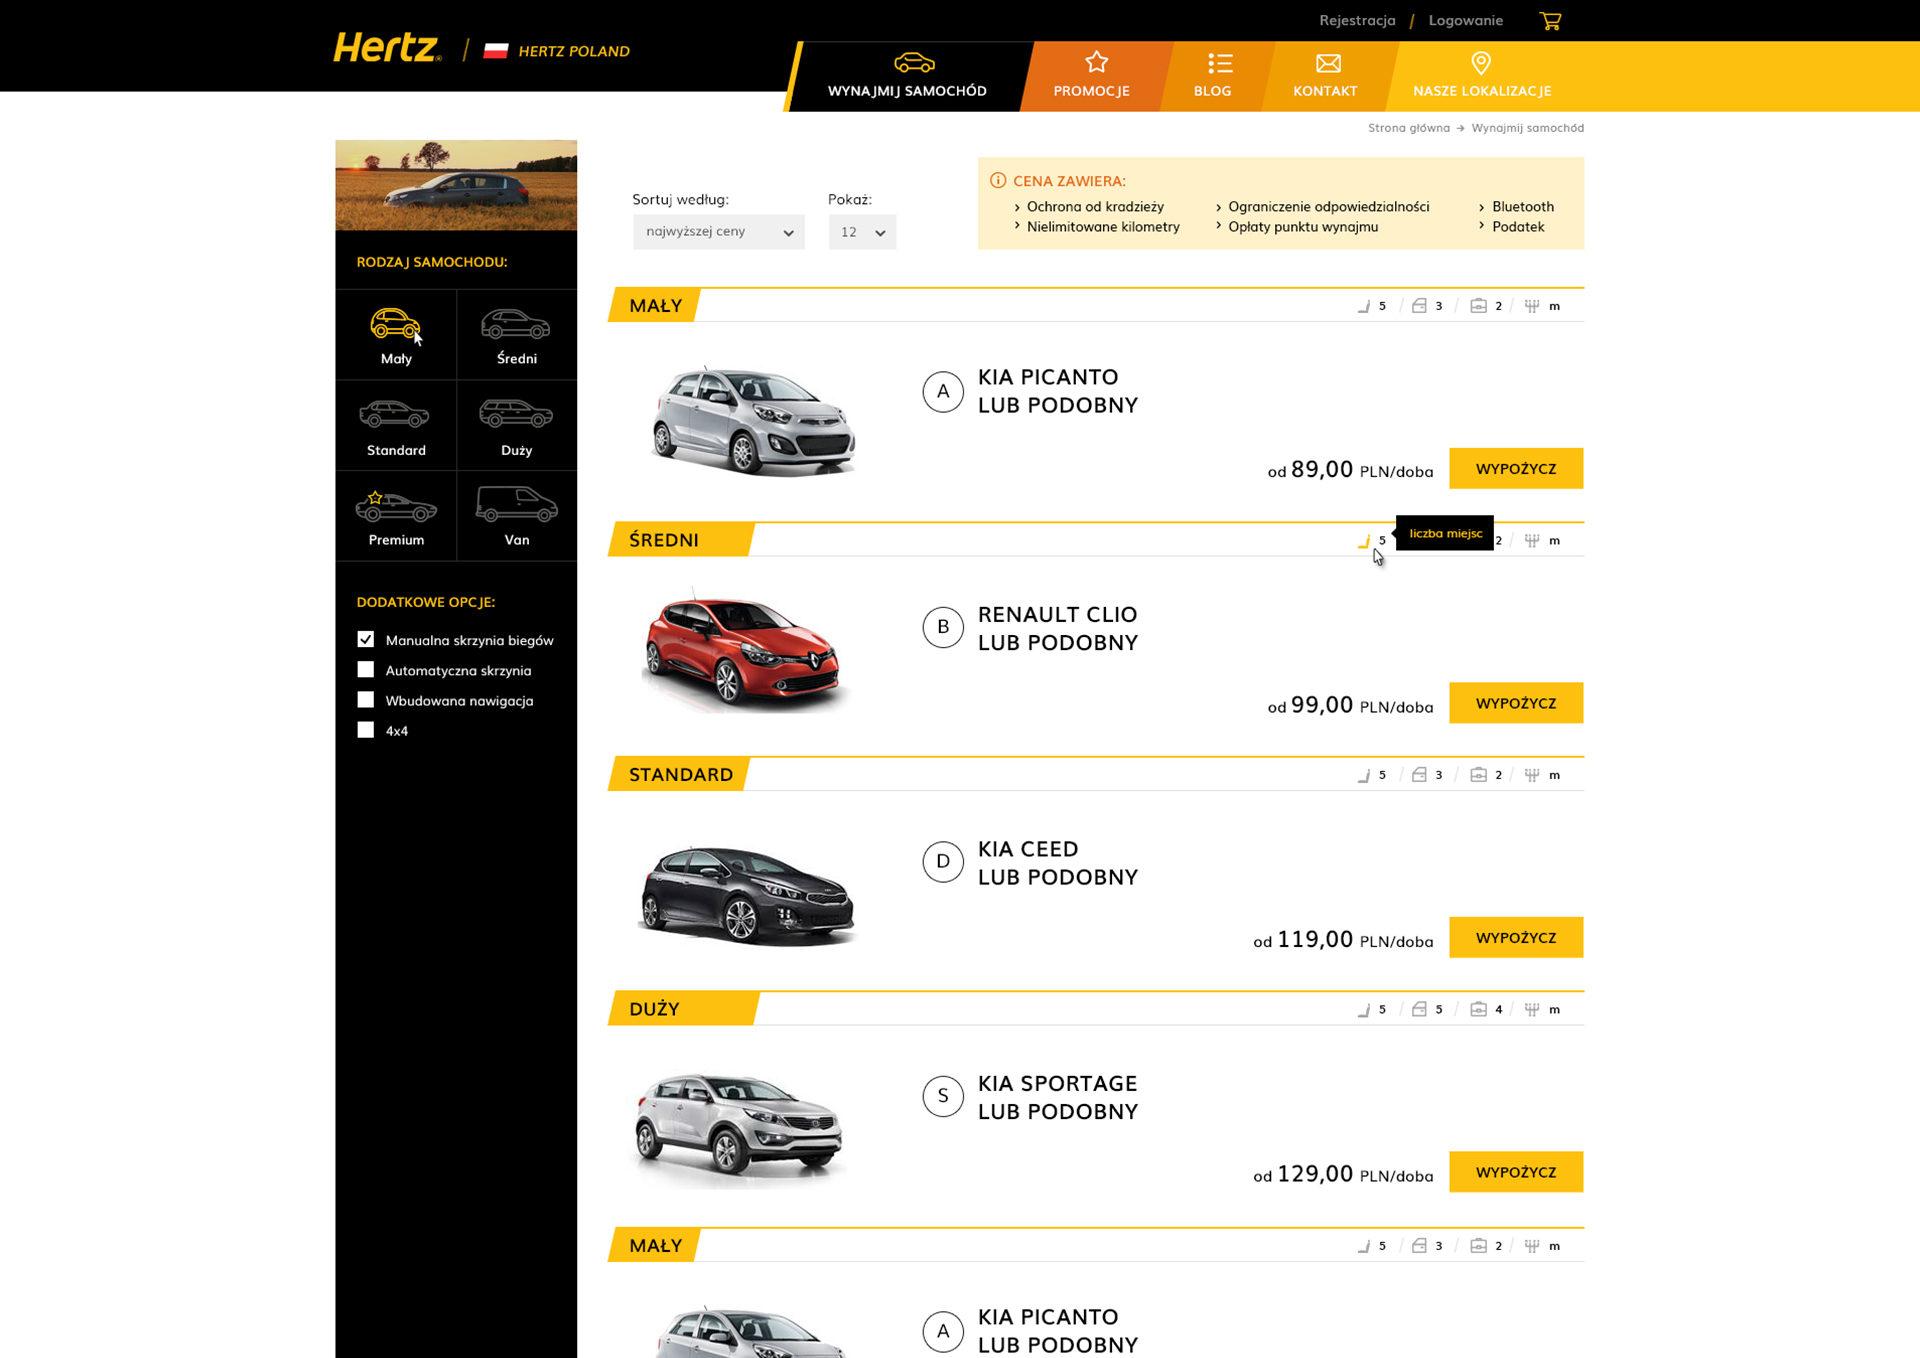 Hertz Polska Magento Ecommerce katalog